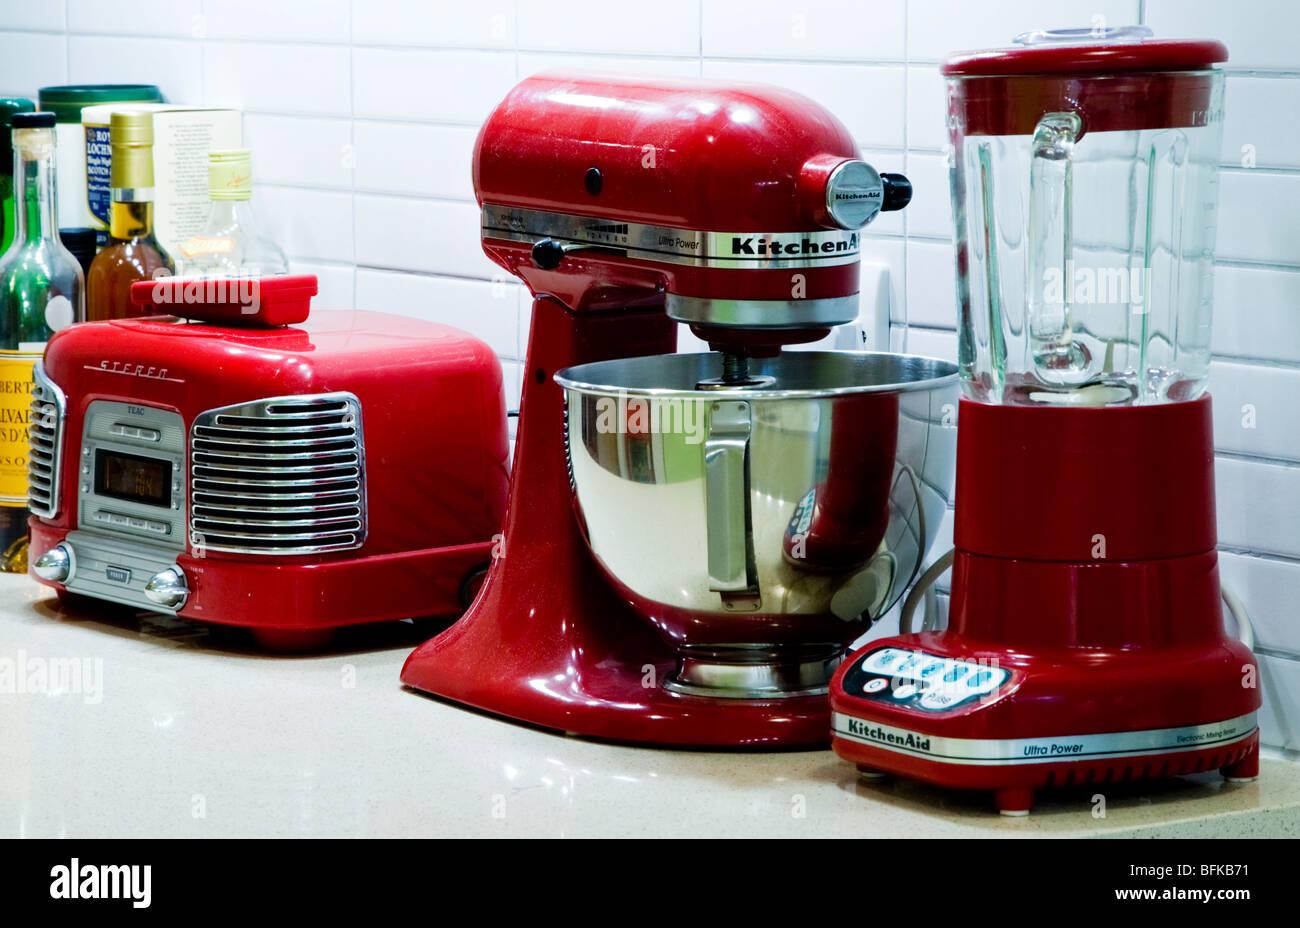 Aparatos de cocina retro rojo sobre una encimera por for Aparatos de cocina